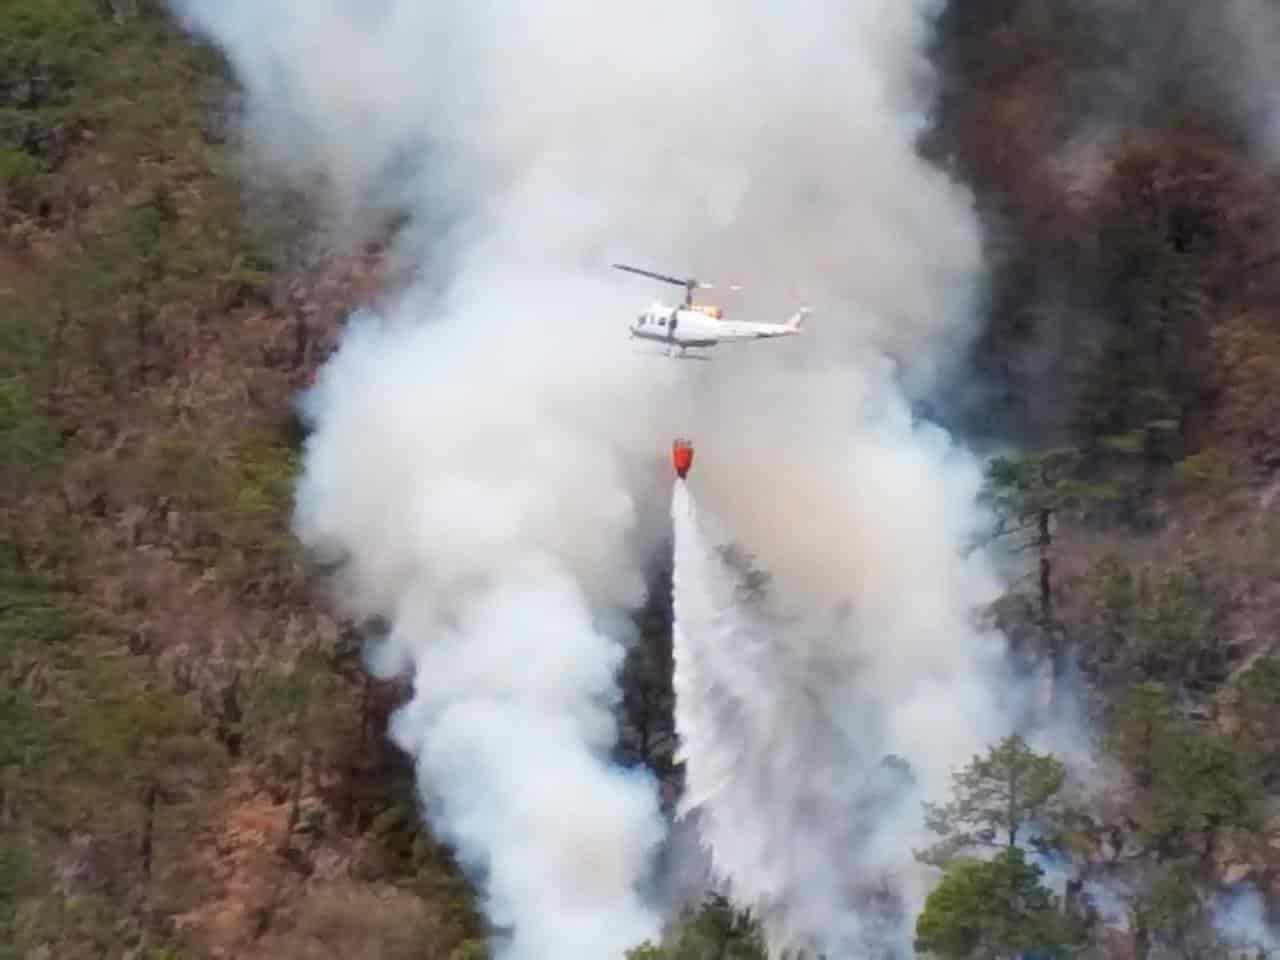 El operador de un helicóptero se salvó de morir